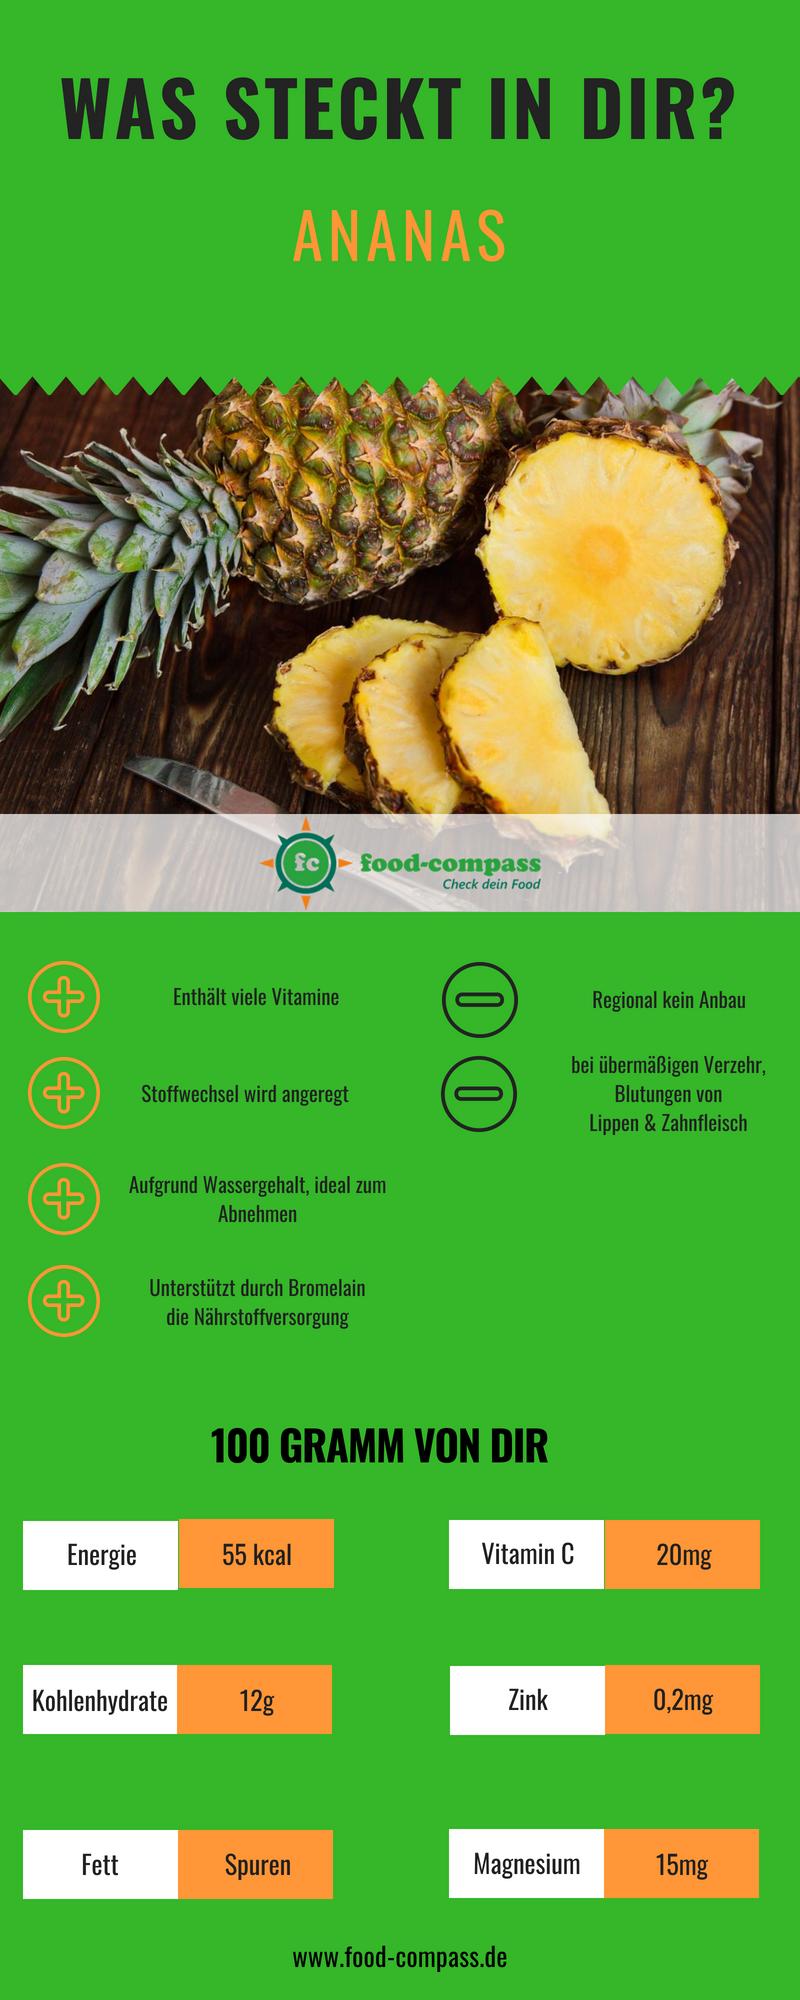 Ansprechend Tofu Nährwerte Das Beste Von Was Beinhaltet Die Ananas Und Welche Nährwerte